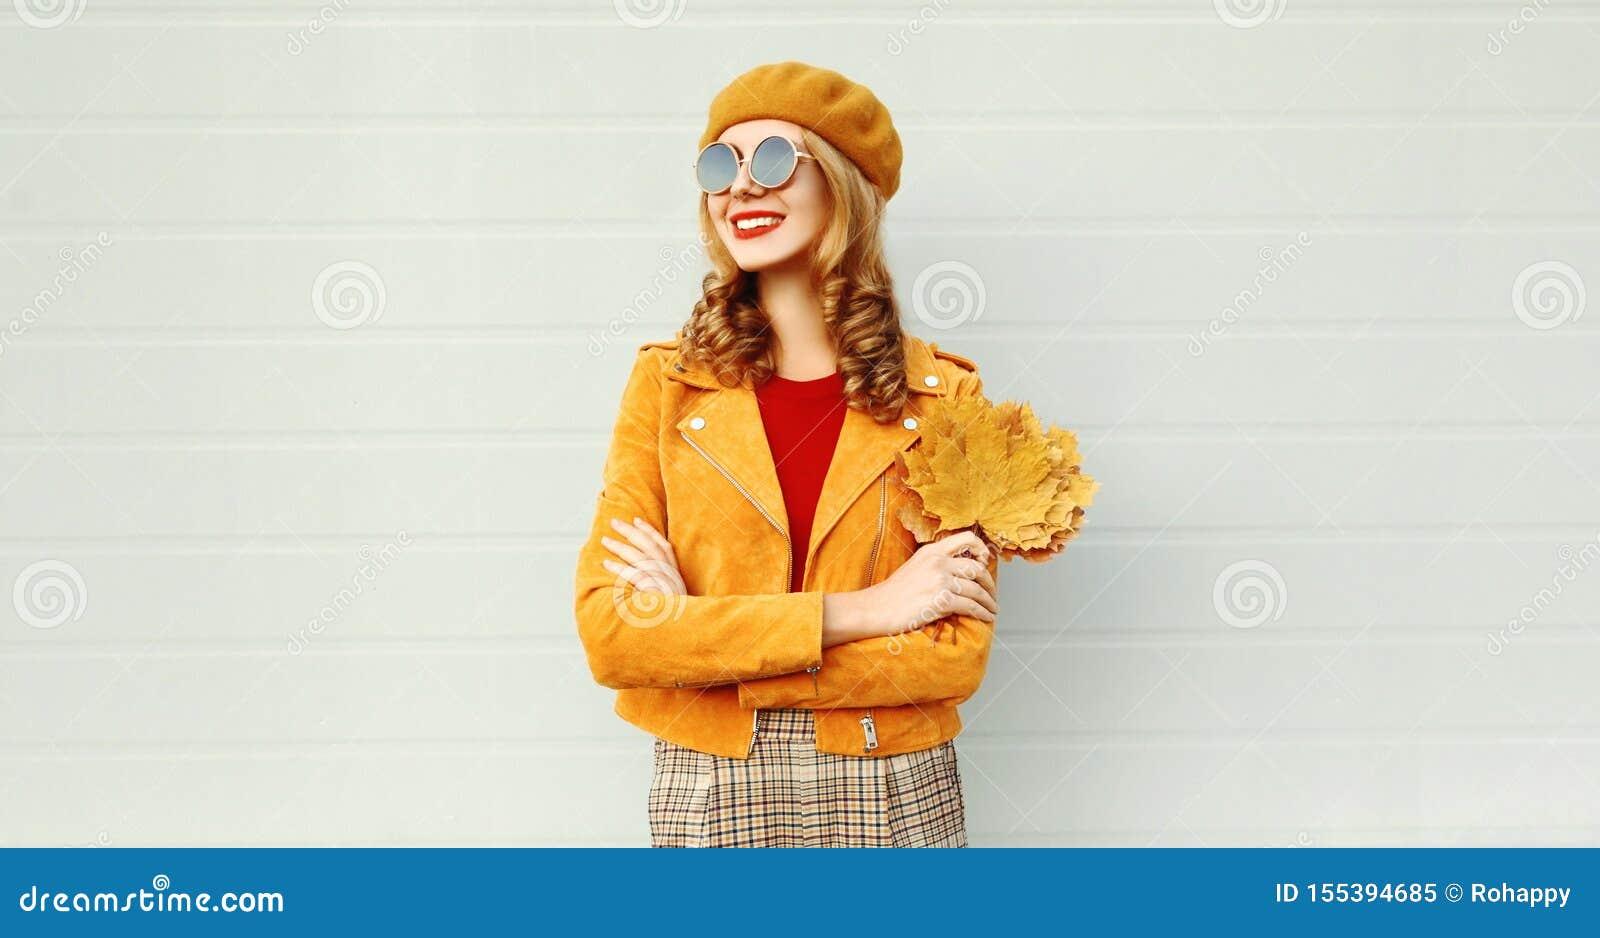 Portret uśmiechnięta kobieta jest ubranym pomarańczowego francuskiego beret na miasto ulicie nad szarości ścianą z żółtymi liśćmi